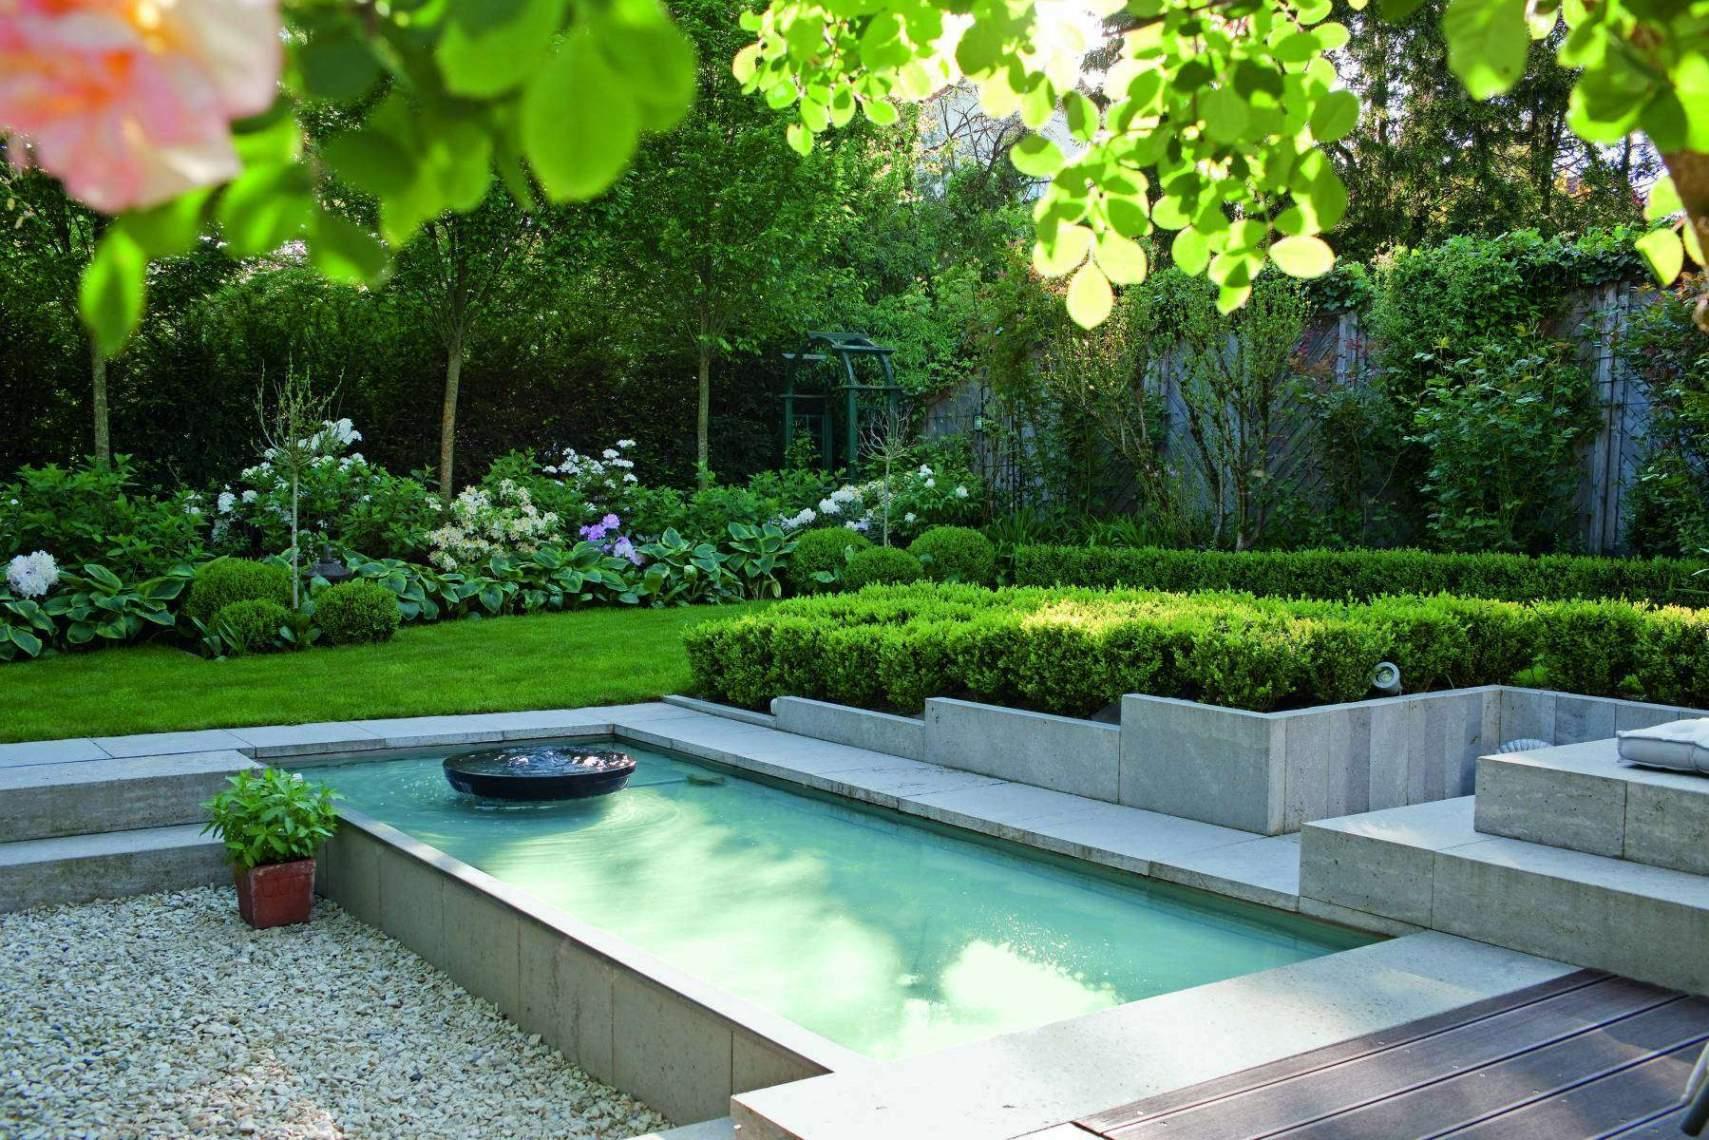 schwimmingpool fur garten einzigartig kleine pools fur kleine garten temobardz home blog of schwimmingpool fur garten